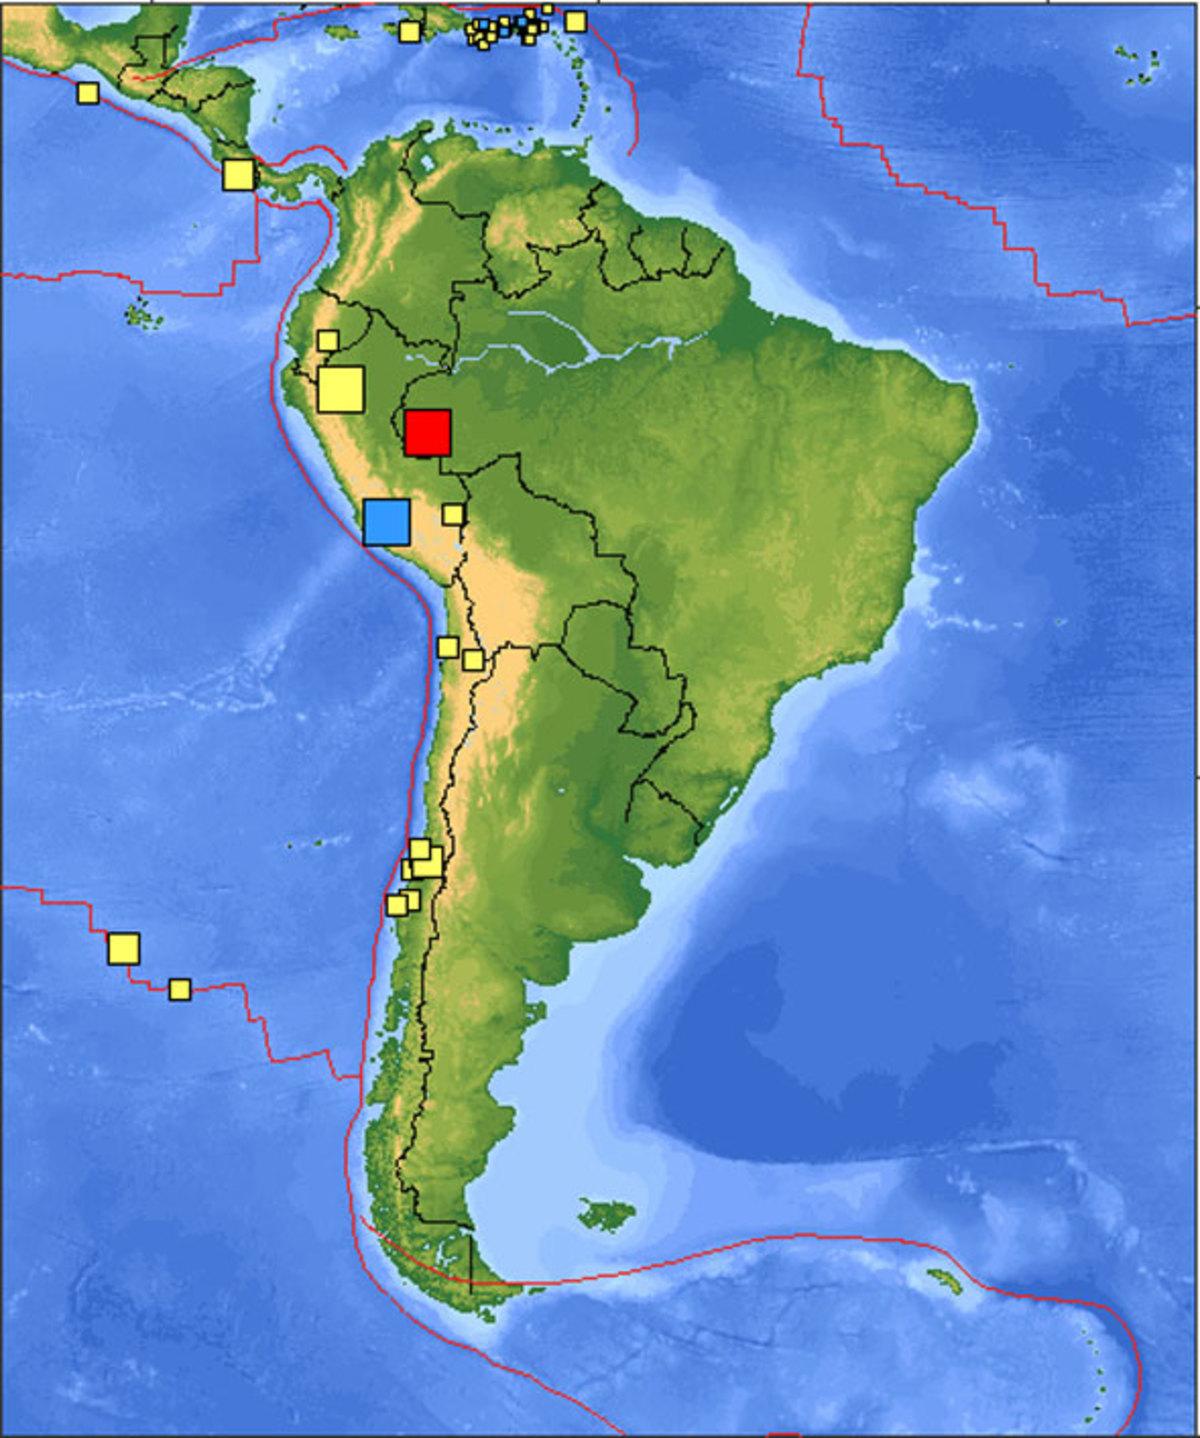 Σεισμός 6,5 Ρίχτερ στη Βραζιλία | Newsit.gr